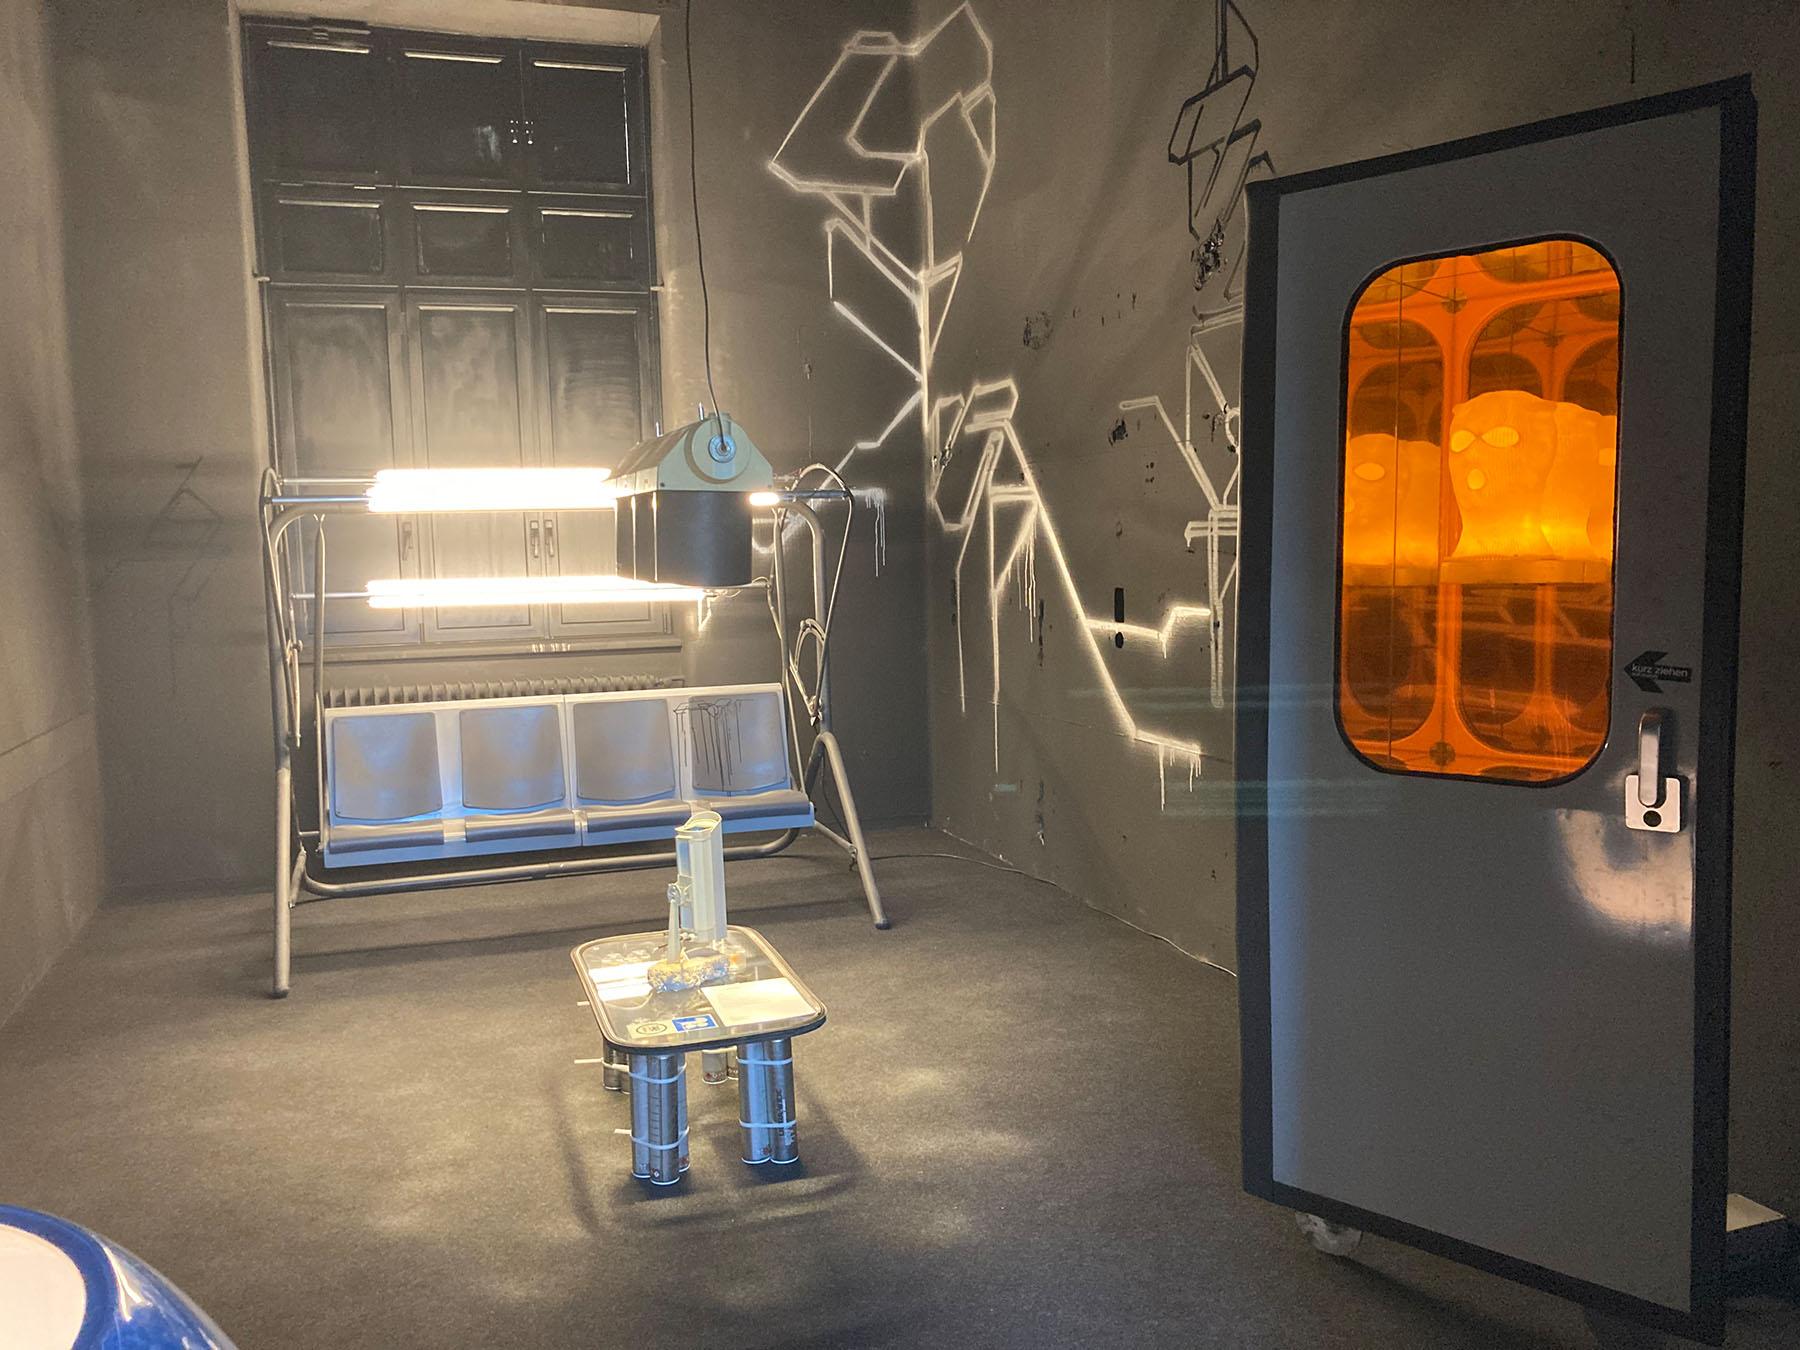 helmuts art club, thomas weidhofer, paul hoffmann, installation, lights, neon